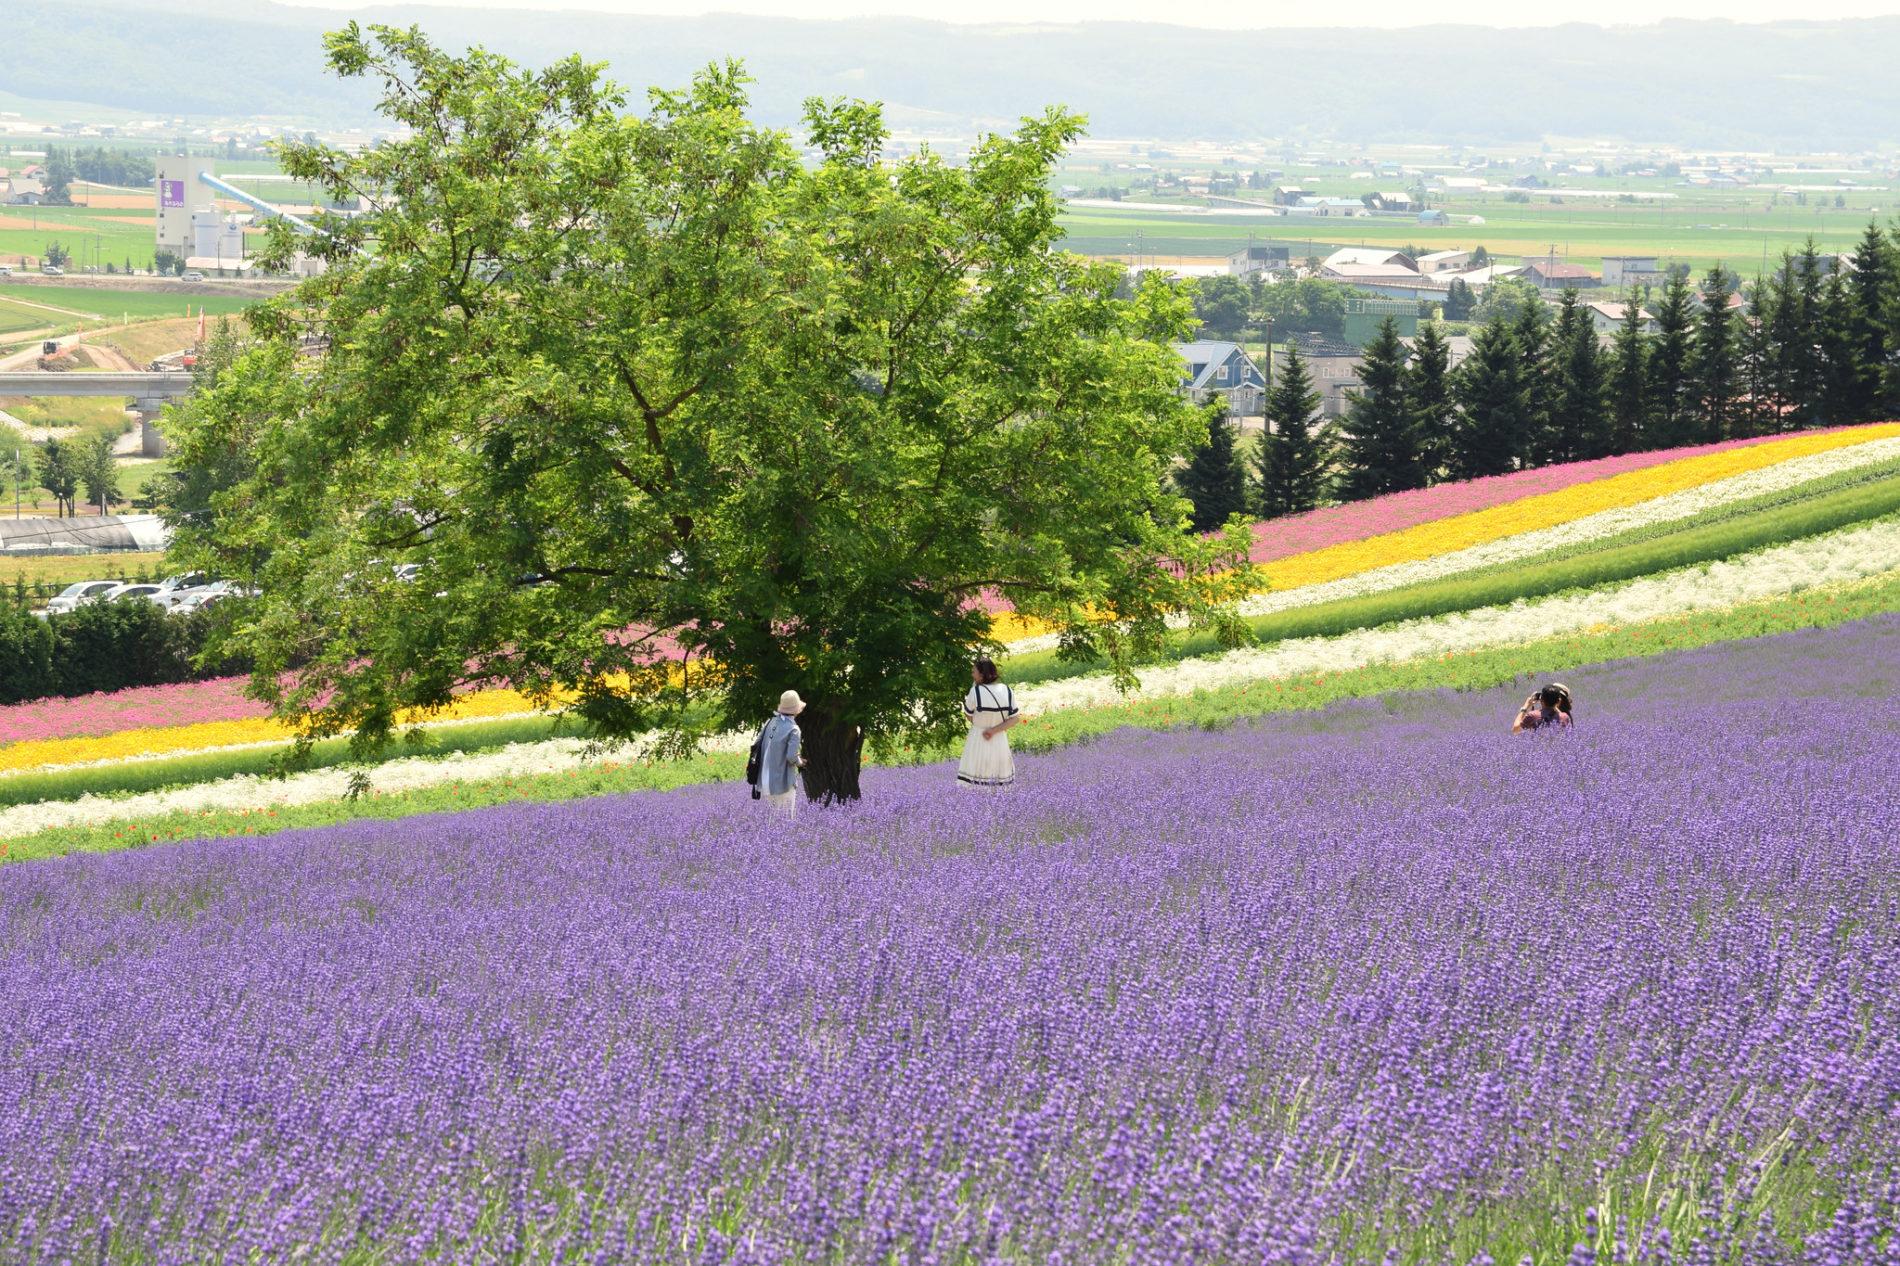 Hokkaidō ist bekannt für seine Lavendelblüte, die Ende Juni beginnt.